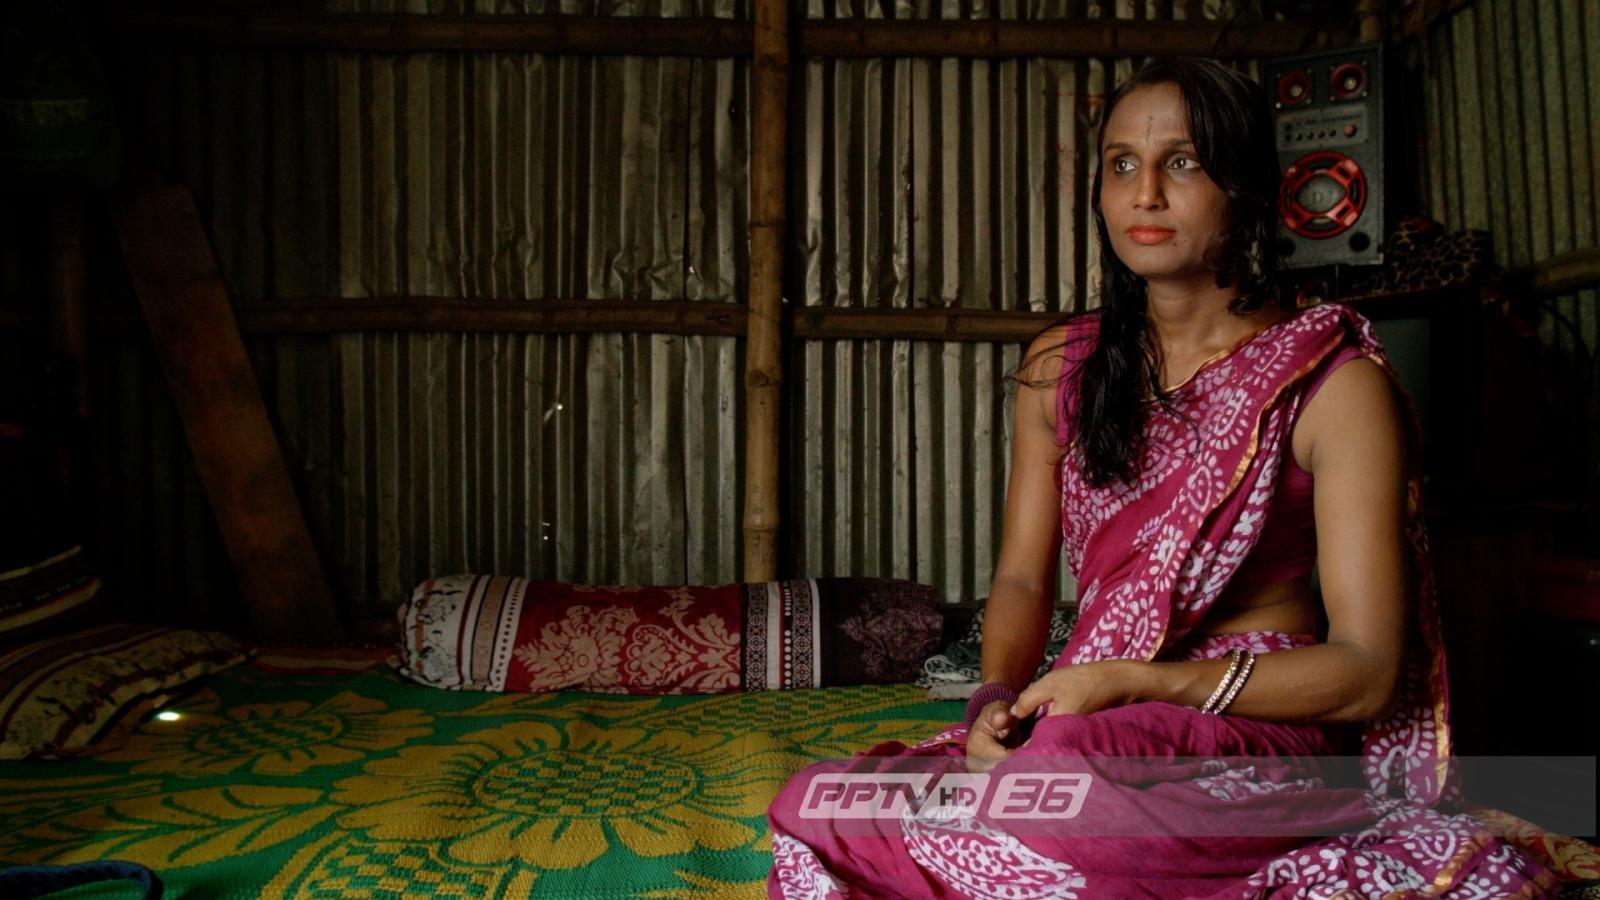 """""""ฮิจรา"""" เพศที่สามในบังกลาเทศ ผู้มีอำนาจพิเศษตามความเชื่อ"""